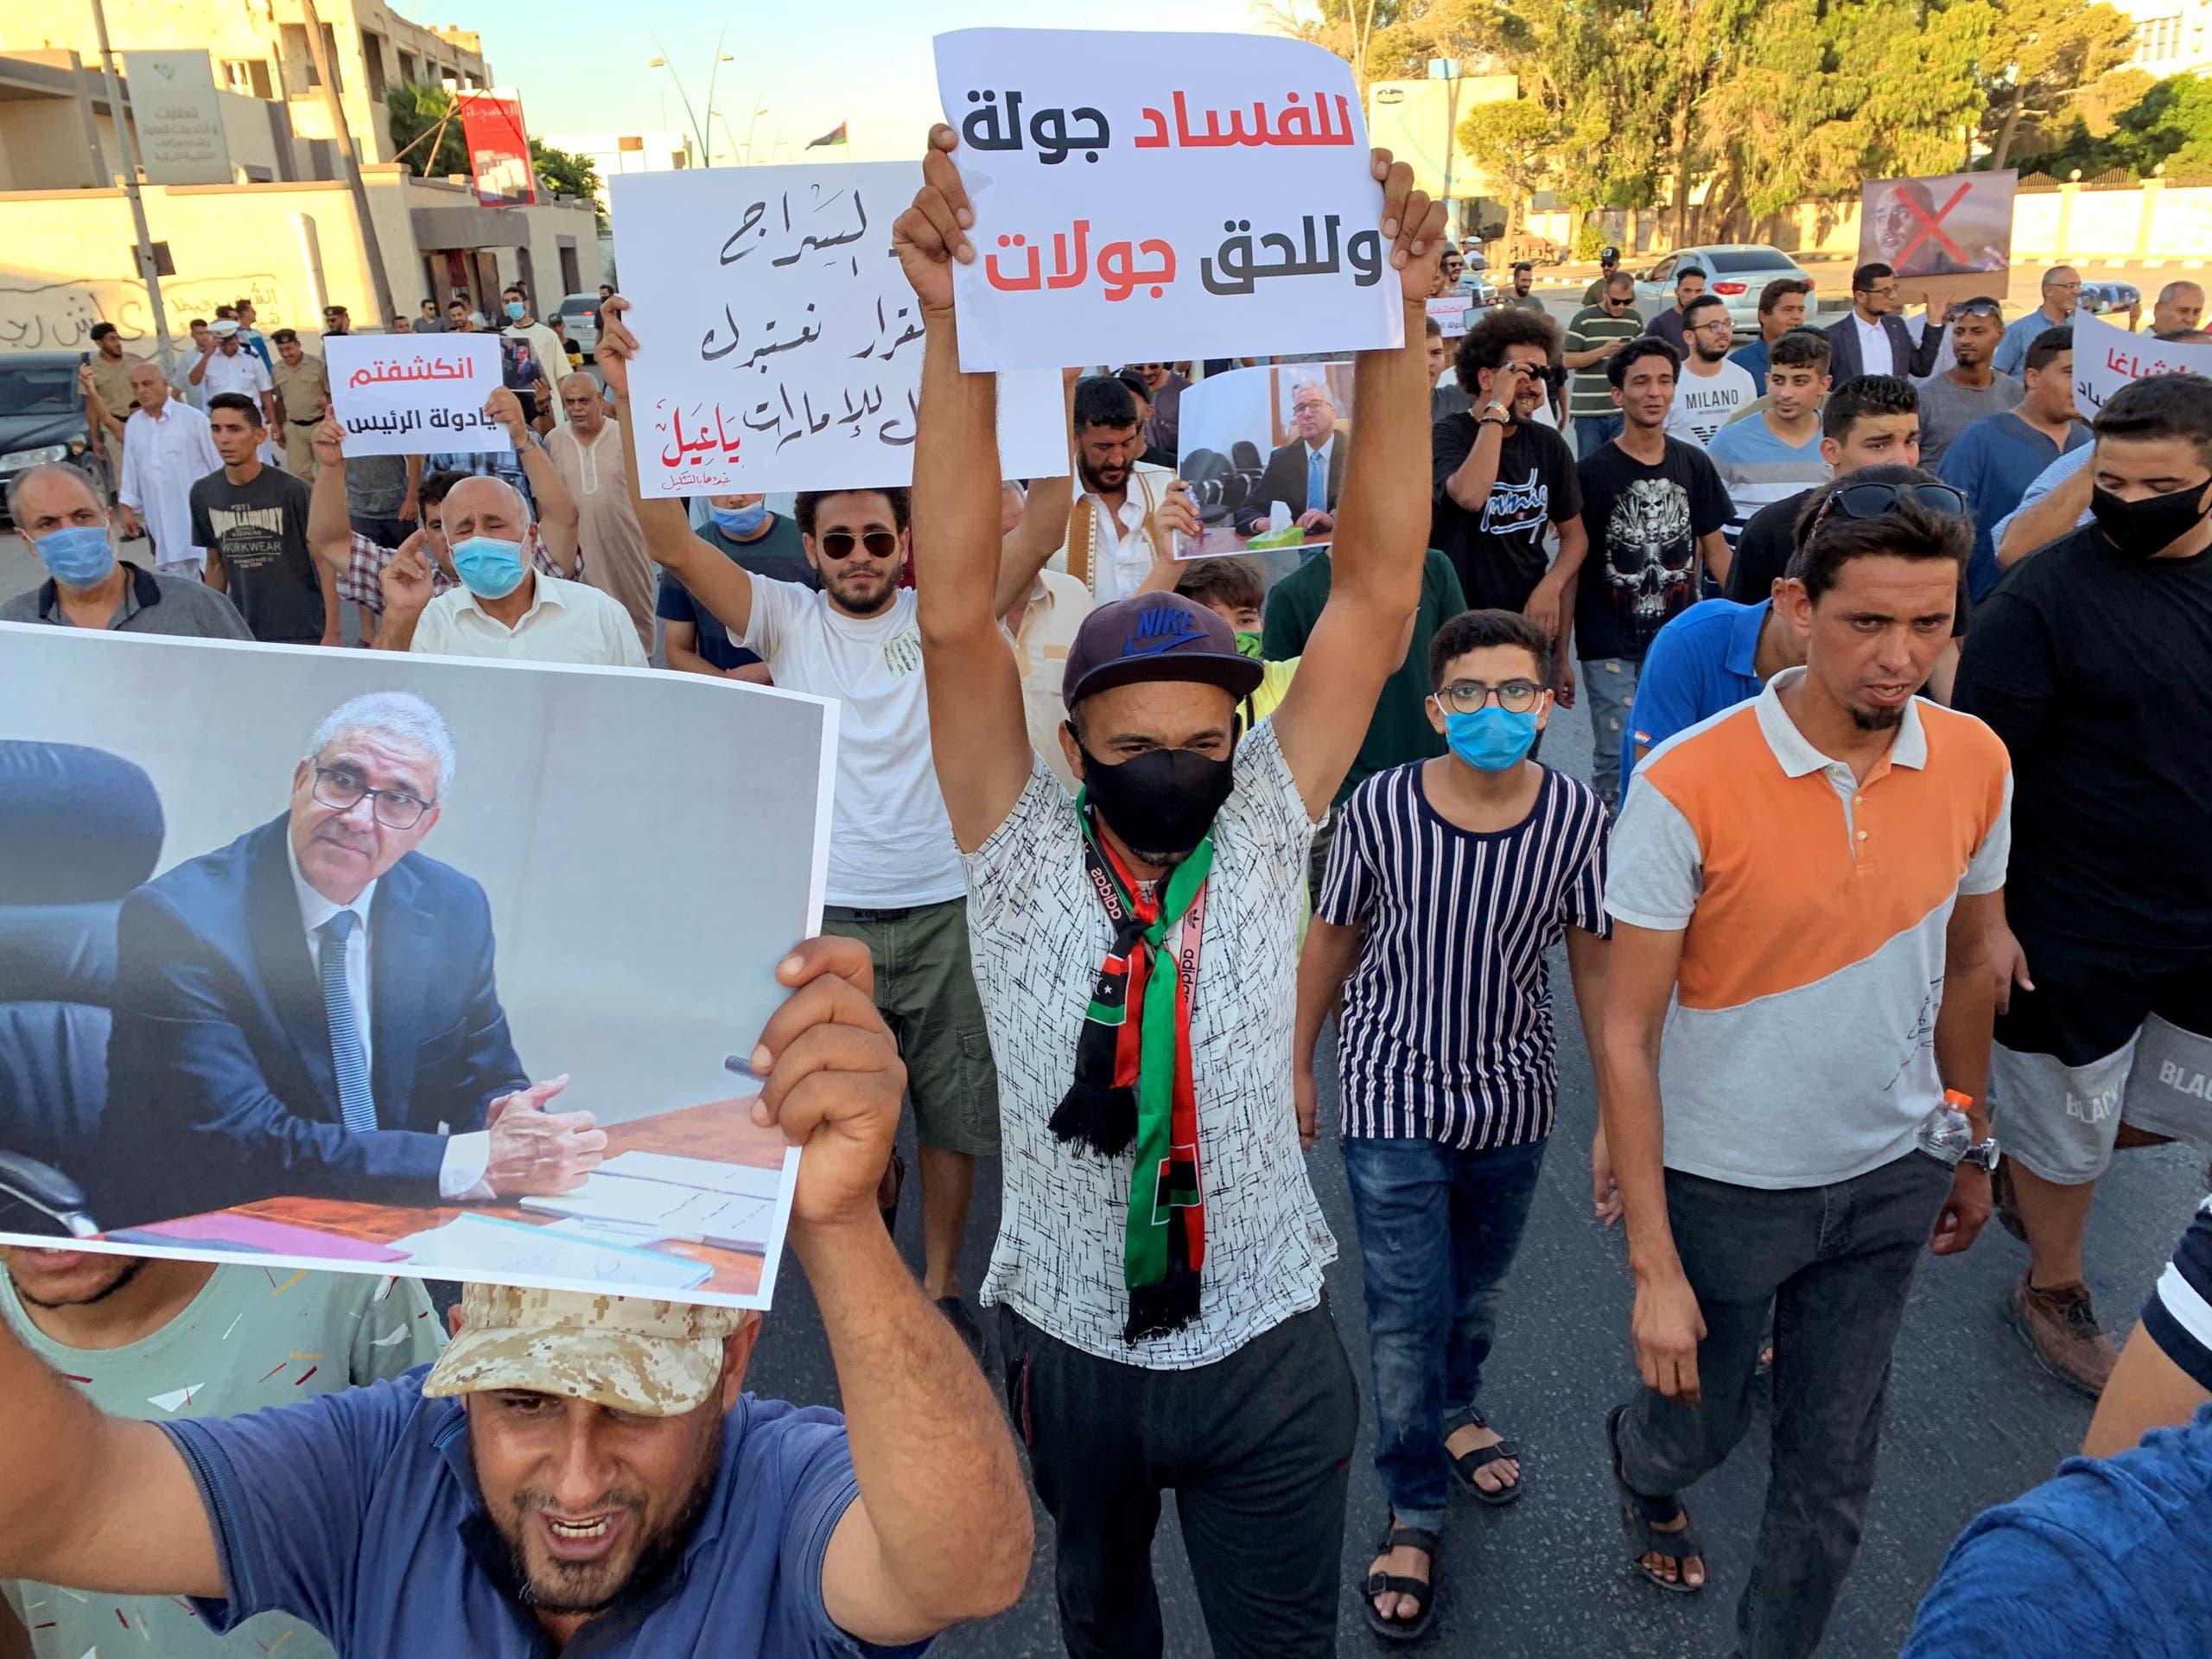 حامیان وزیر کشور فاتی باشاگا در مصراته (بایگانی)